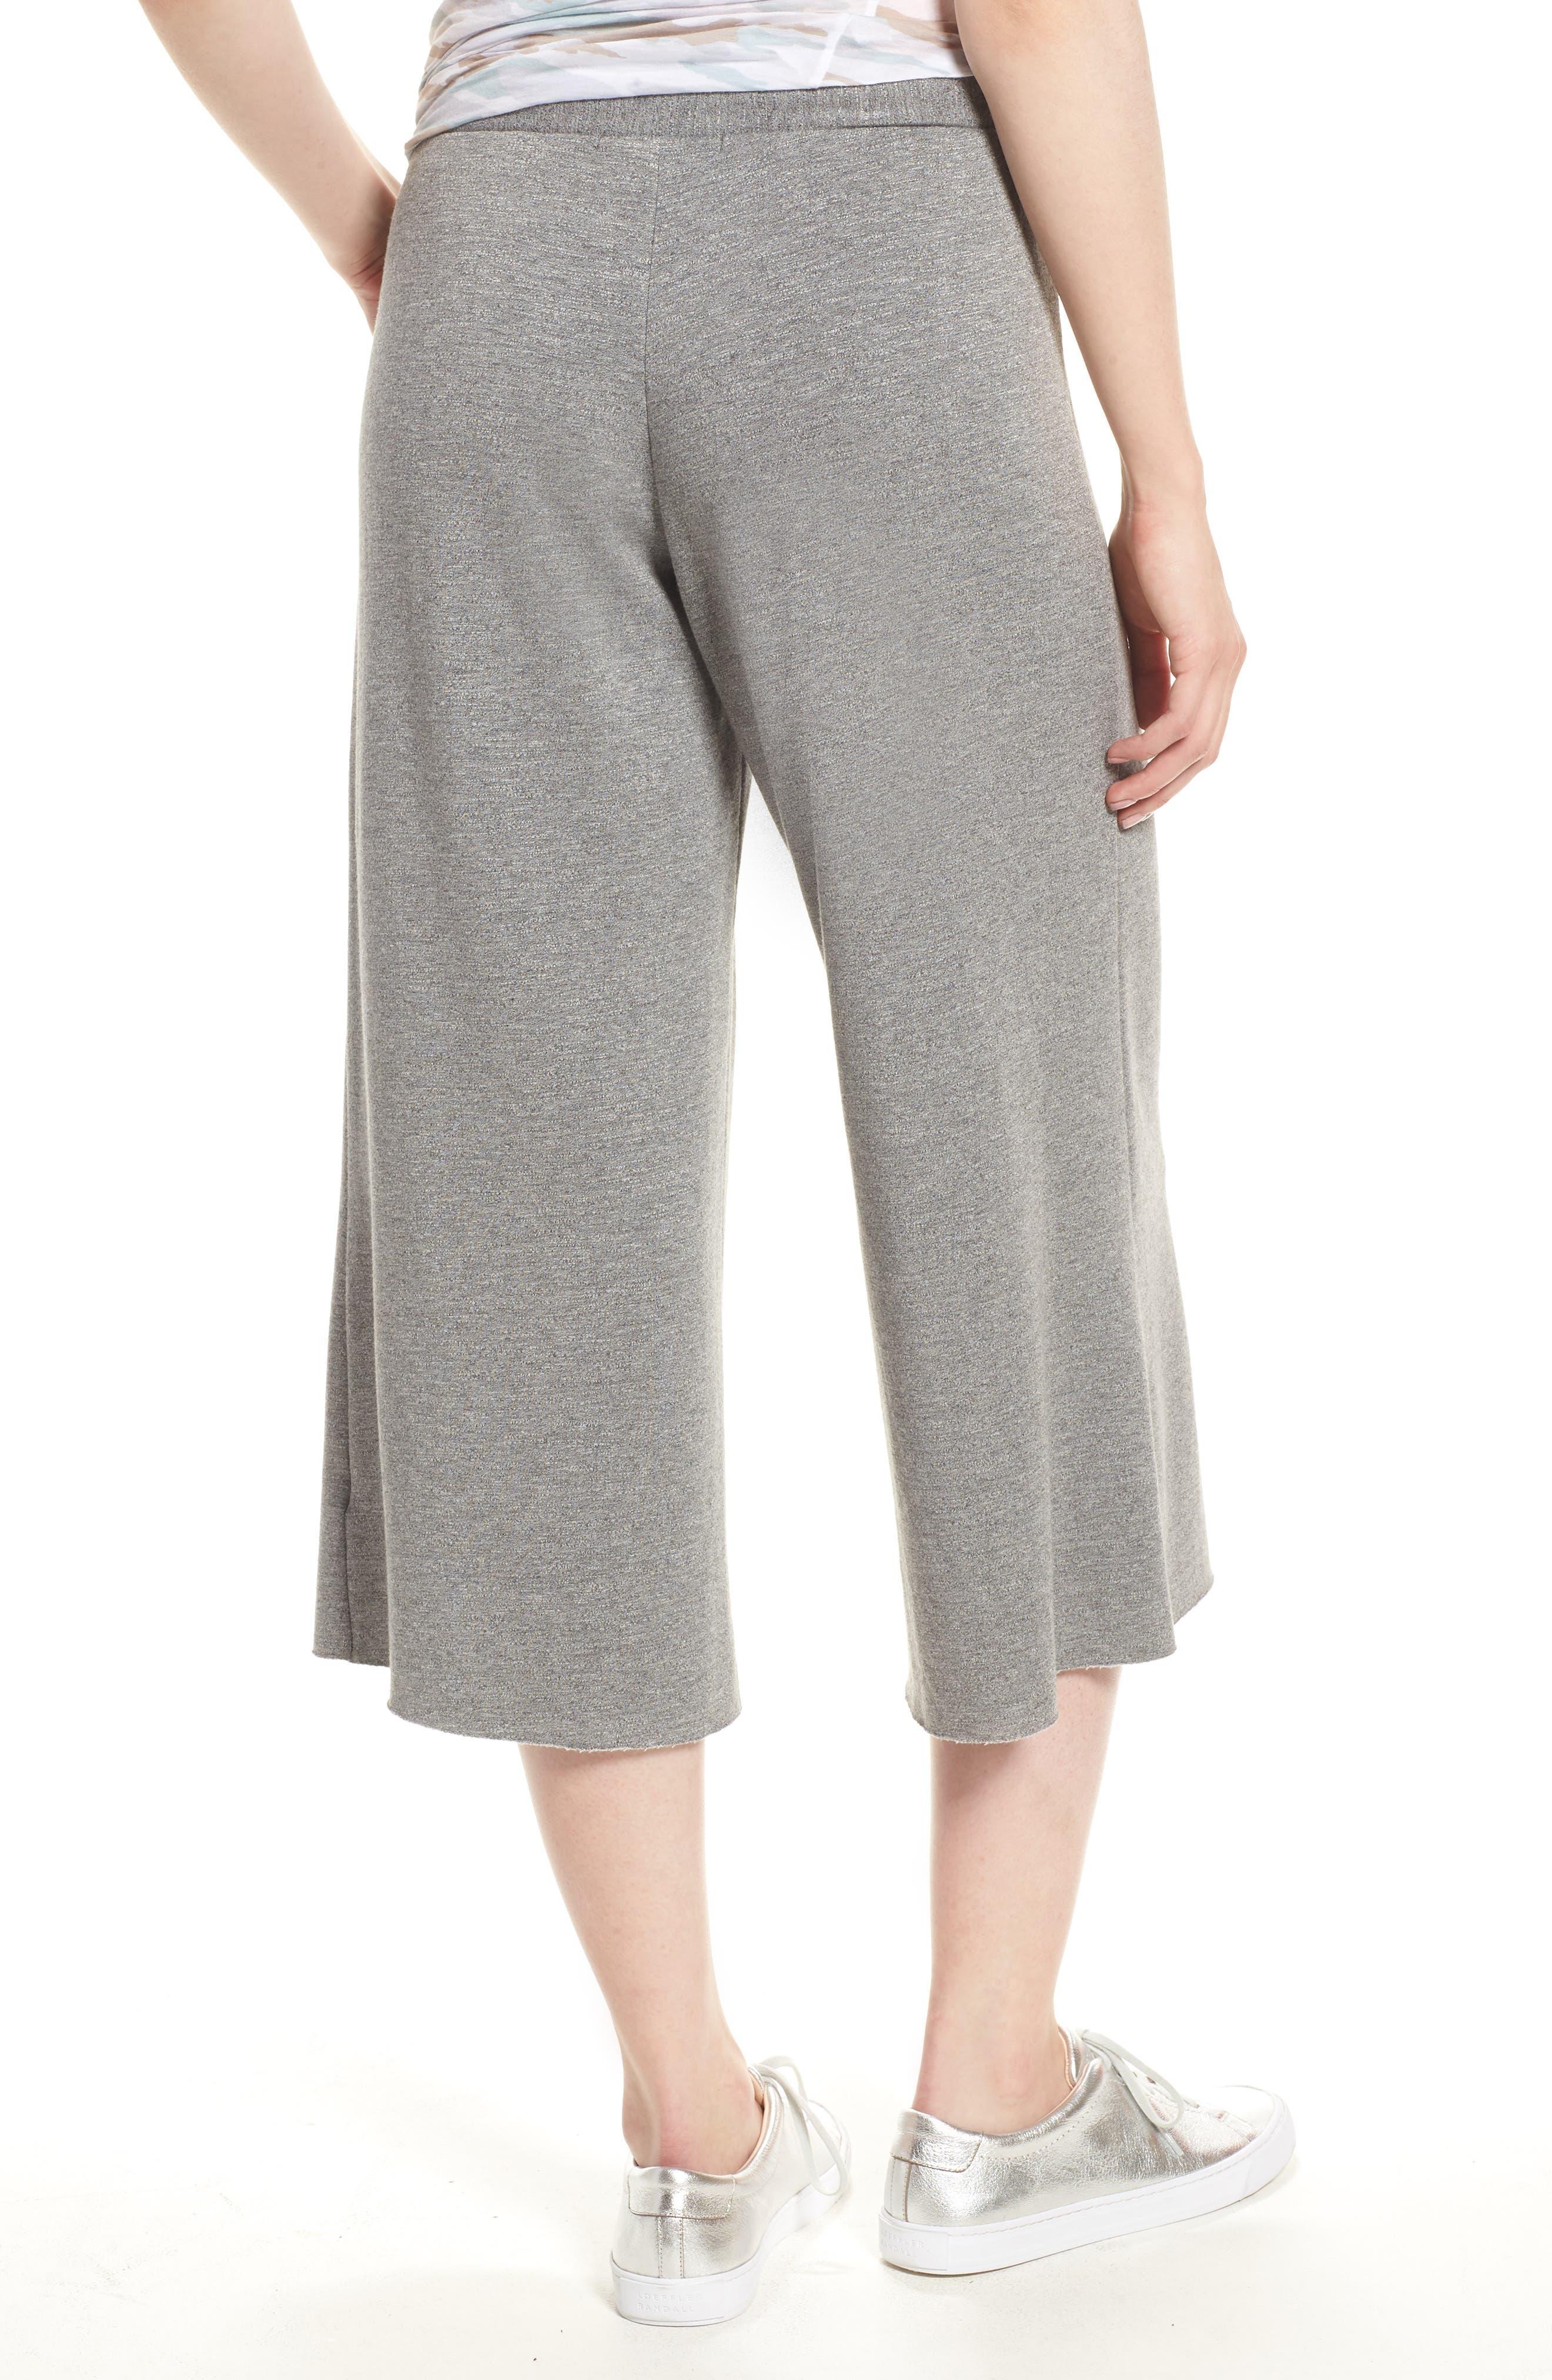 Flare Fleece Pants,                             Alternate thumbnail 2, color,                             030